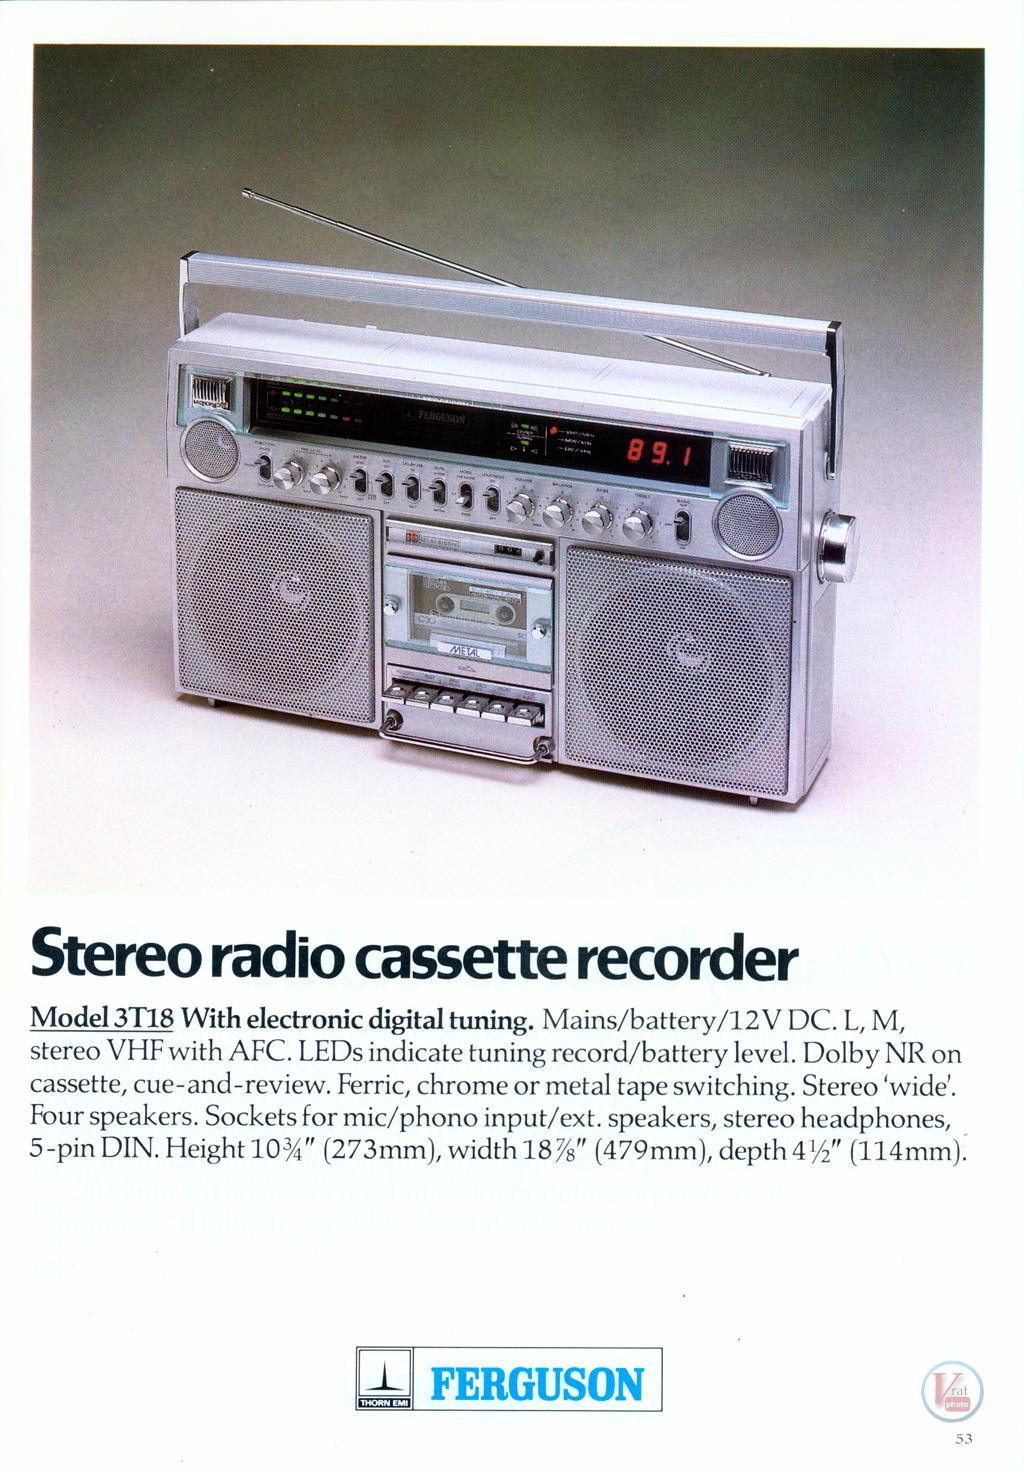 Ferguson Cassette 28